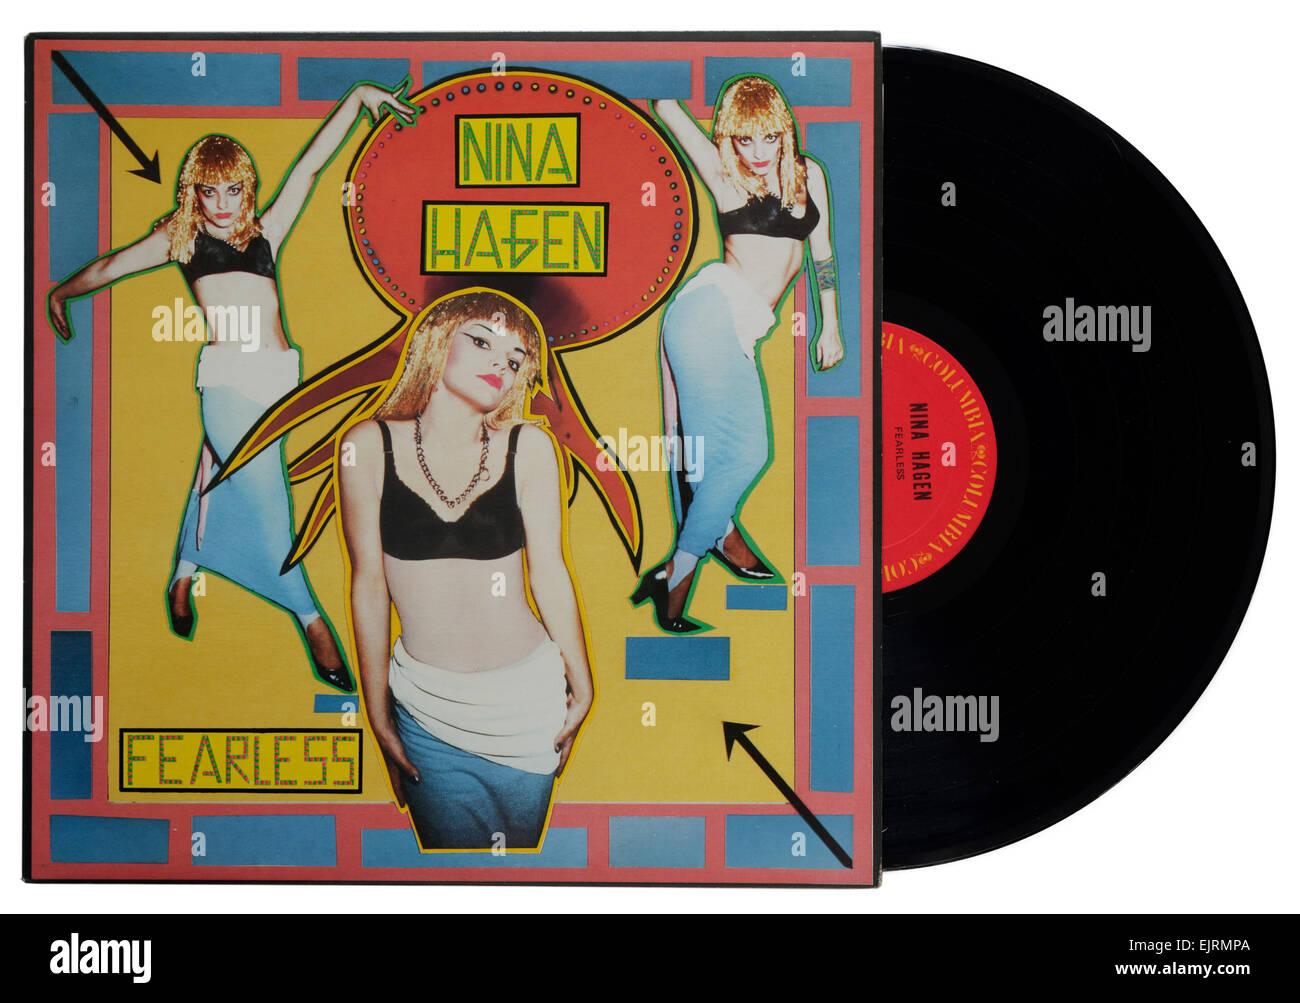 Nina Hagen album Fearless - Stock Image